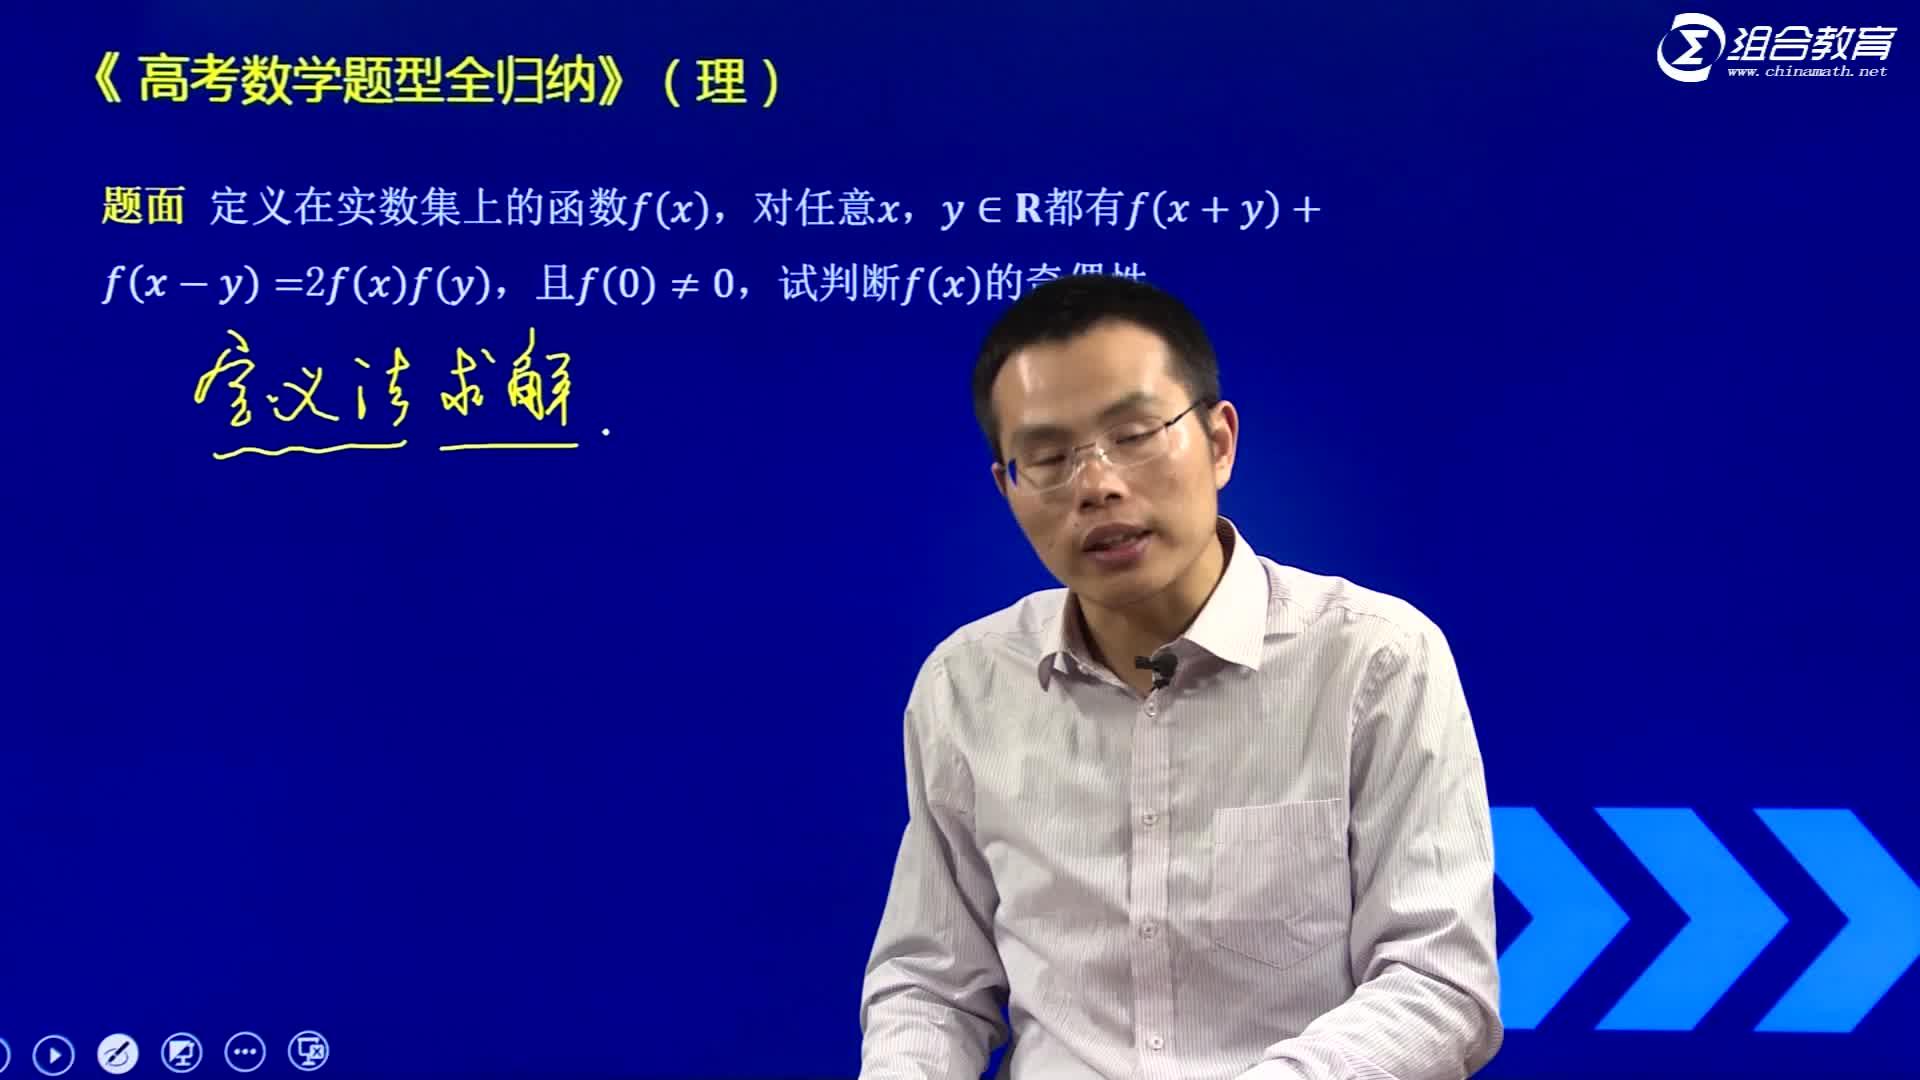 视频2.16 抽象函数奇偶性的判断-【洞穿高考】2020版高考理科数学题型全归纳